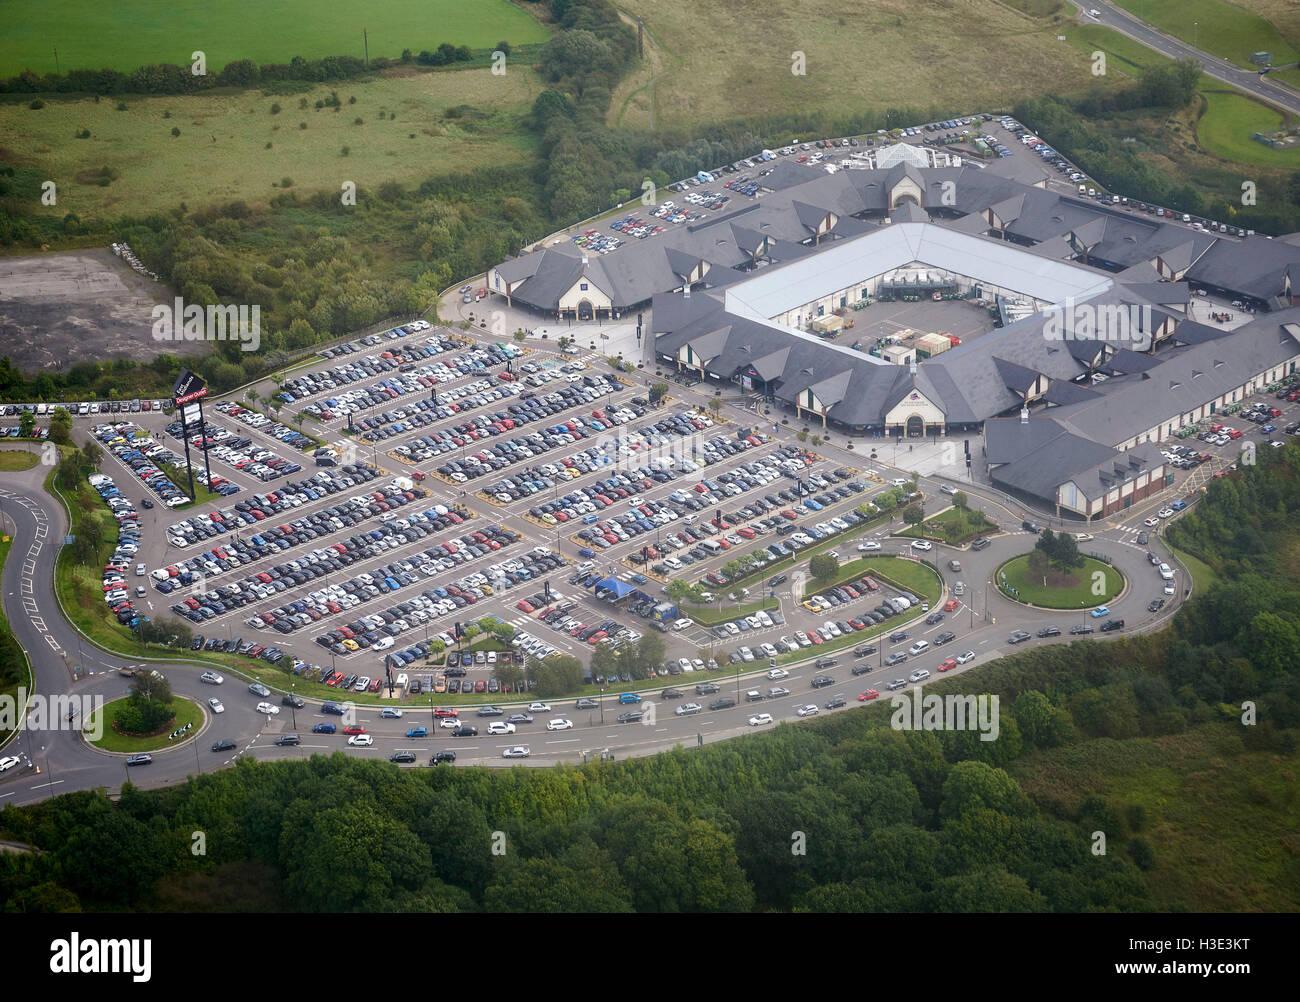 East Midlands Designer Outlet, Mansfield, East Midlands, UK - Stock Image